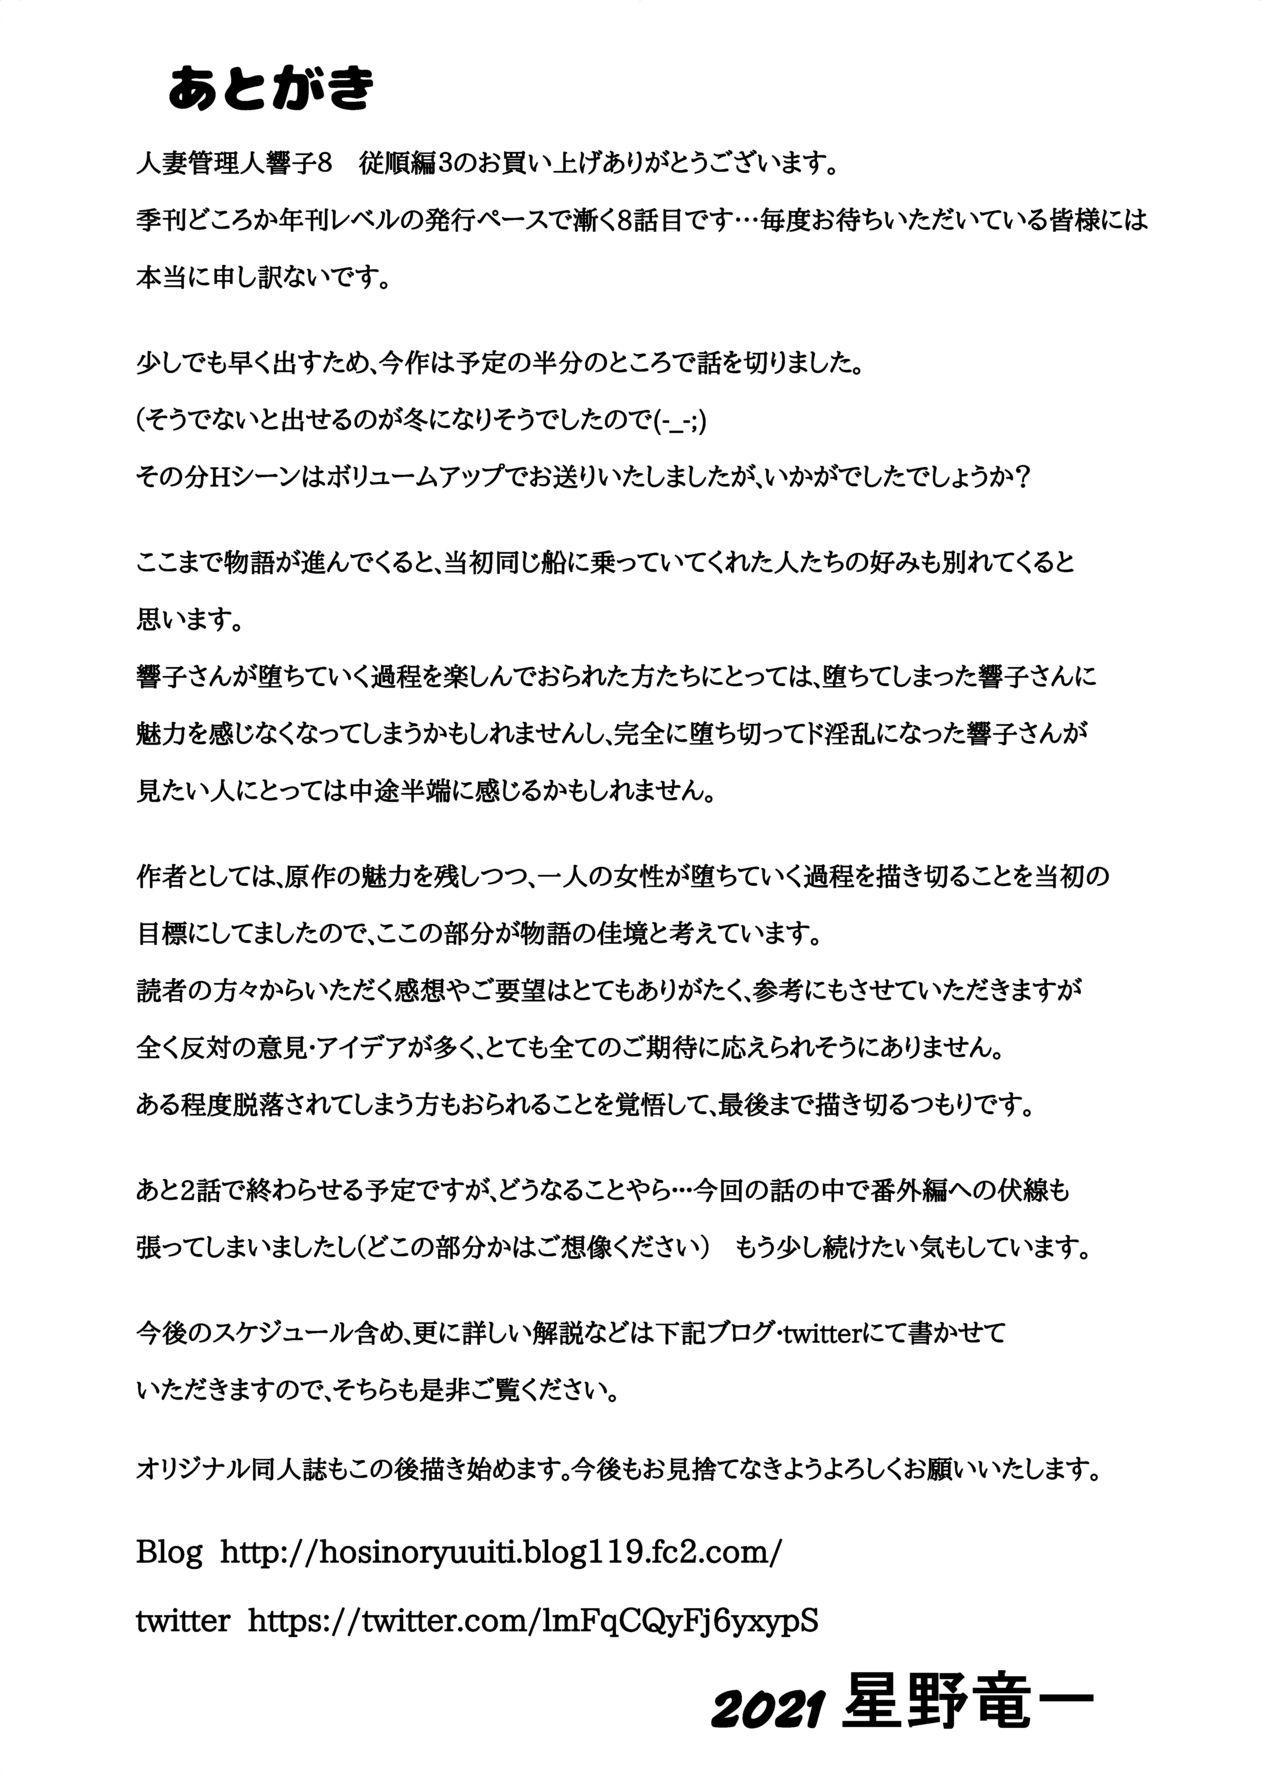 Hitozuma Kanrinin Kyouko 8 Juujun Hen 3 29